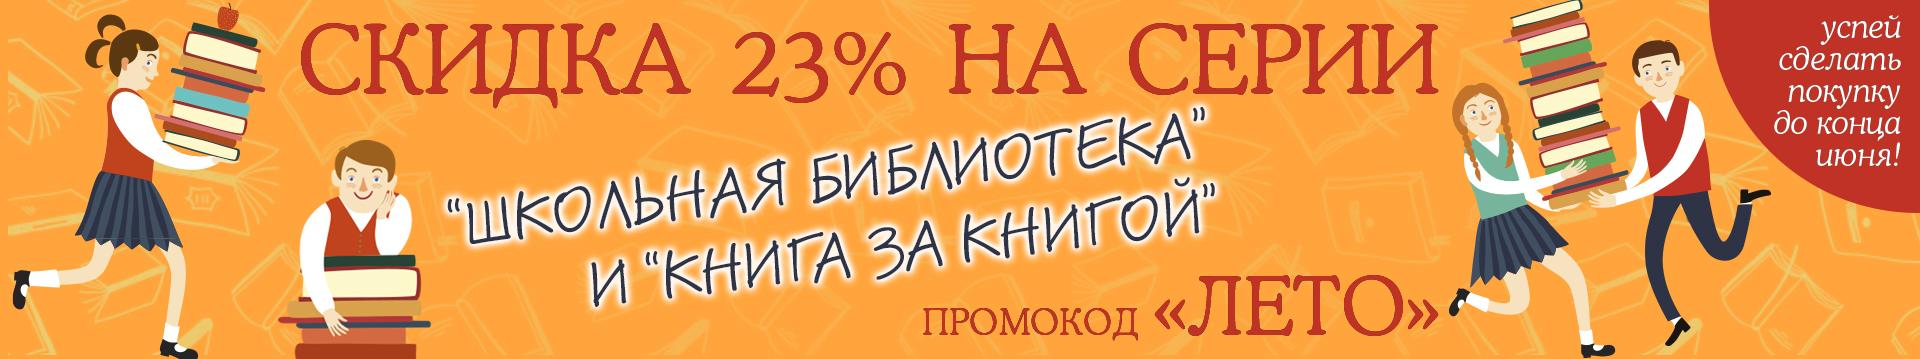 Промокод лето!! Скидка 23%